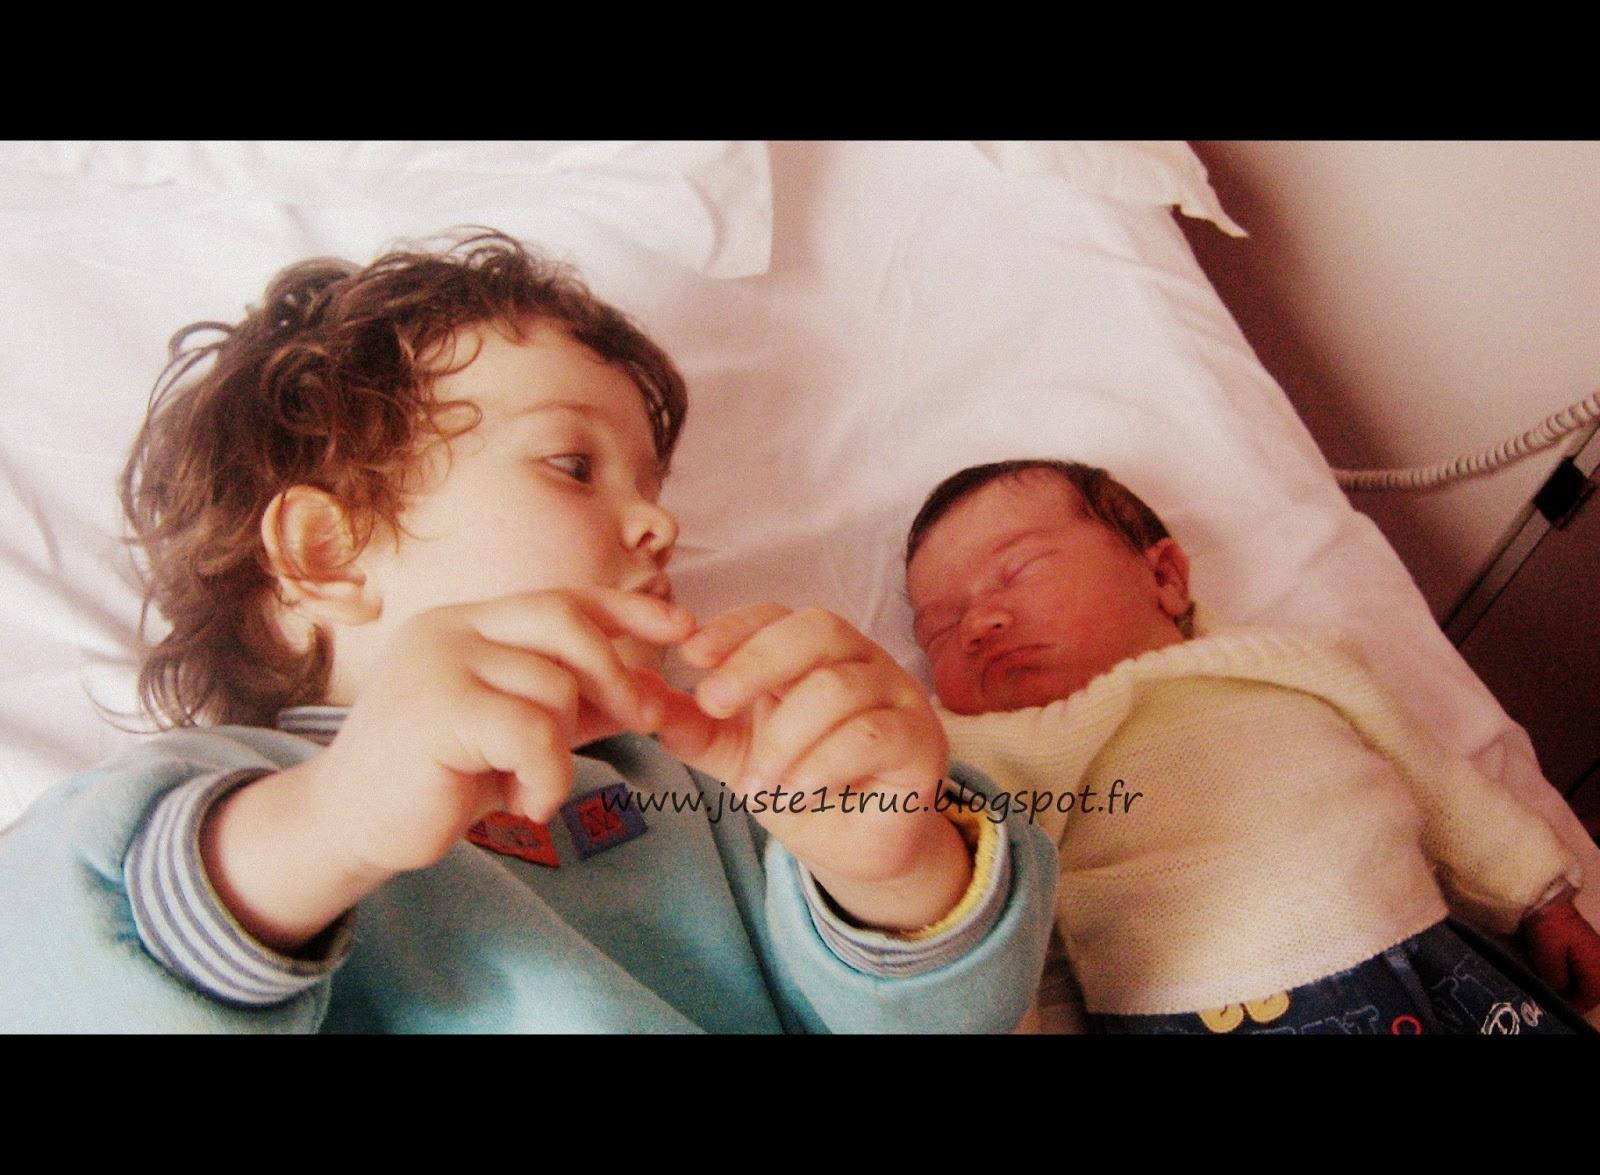 juste truc fratrie bébé naissance grand frère bb koala amour famille  enfants maman maternité grossesse 529d4459a0f